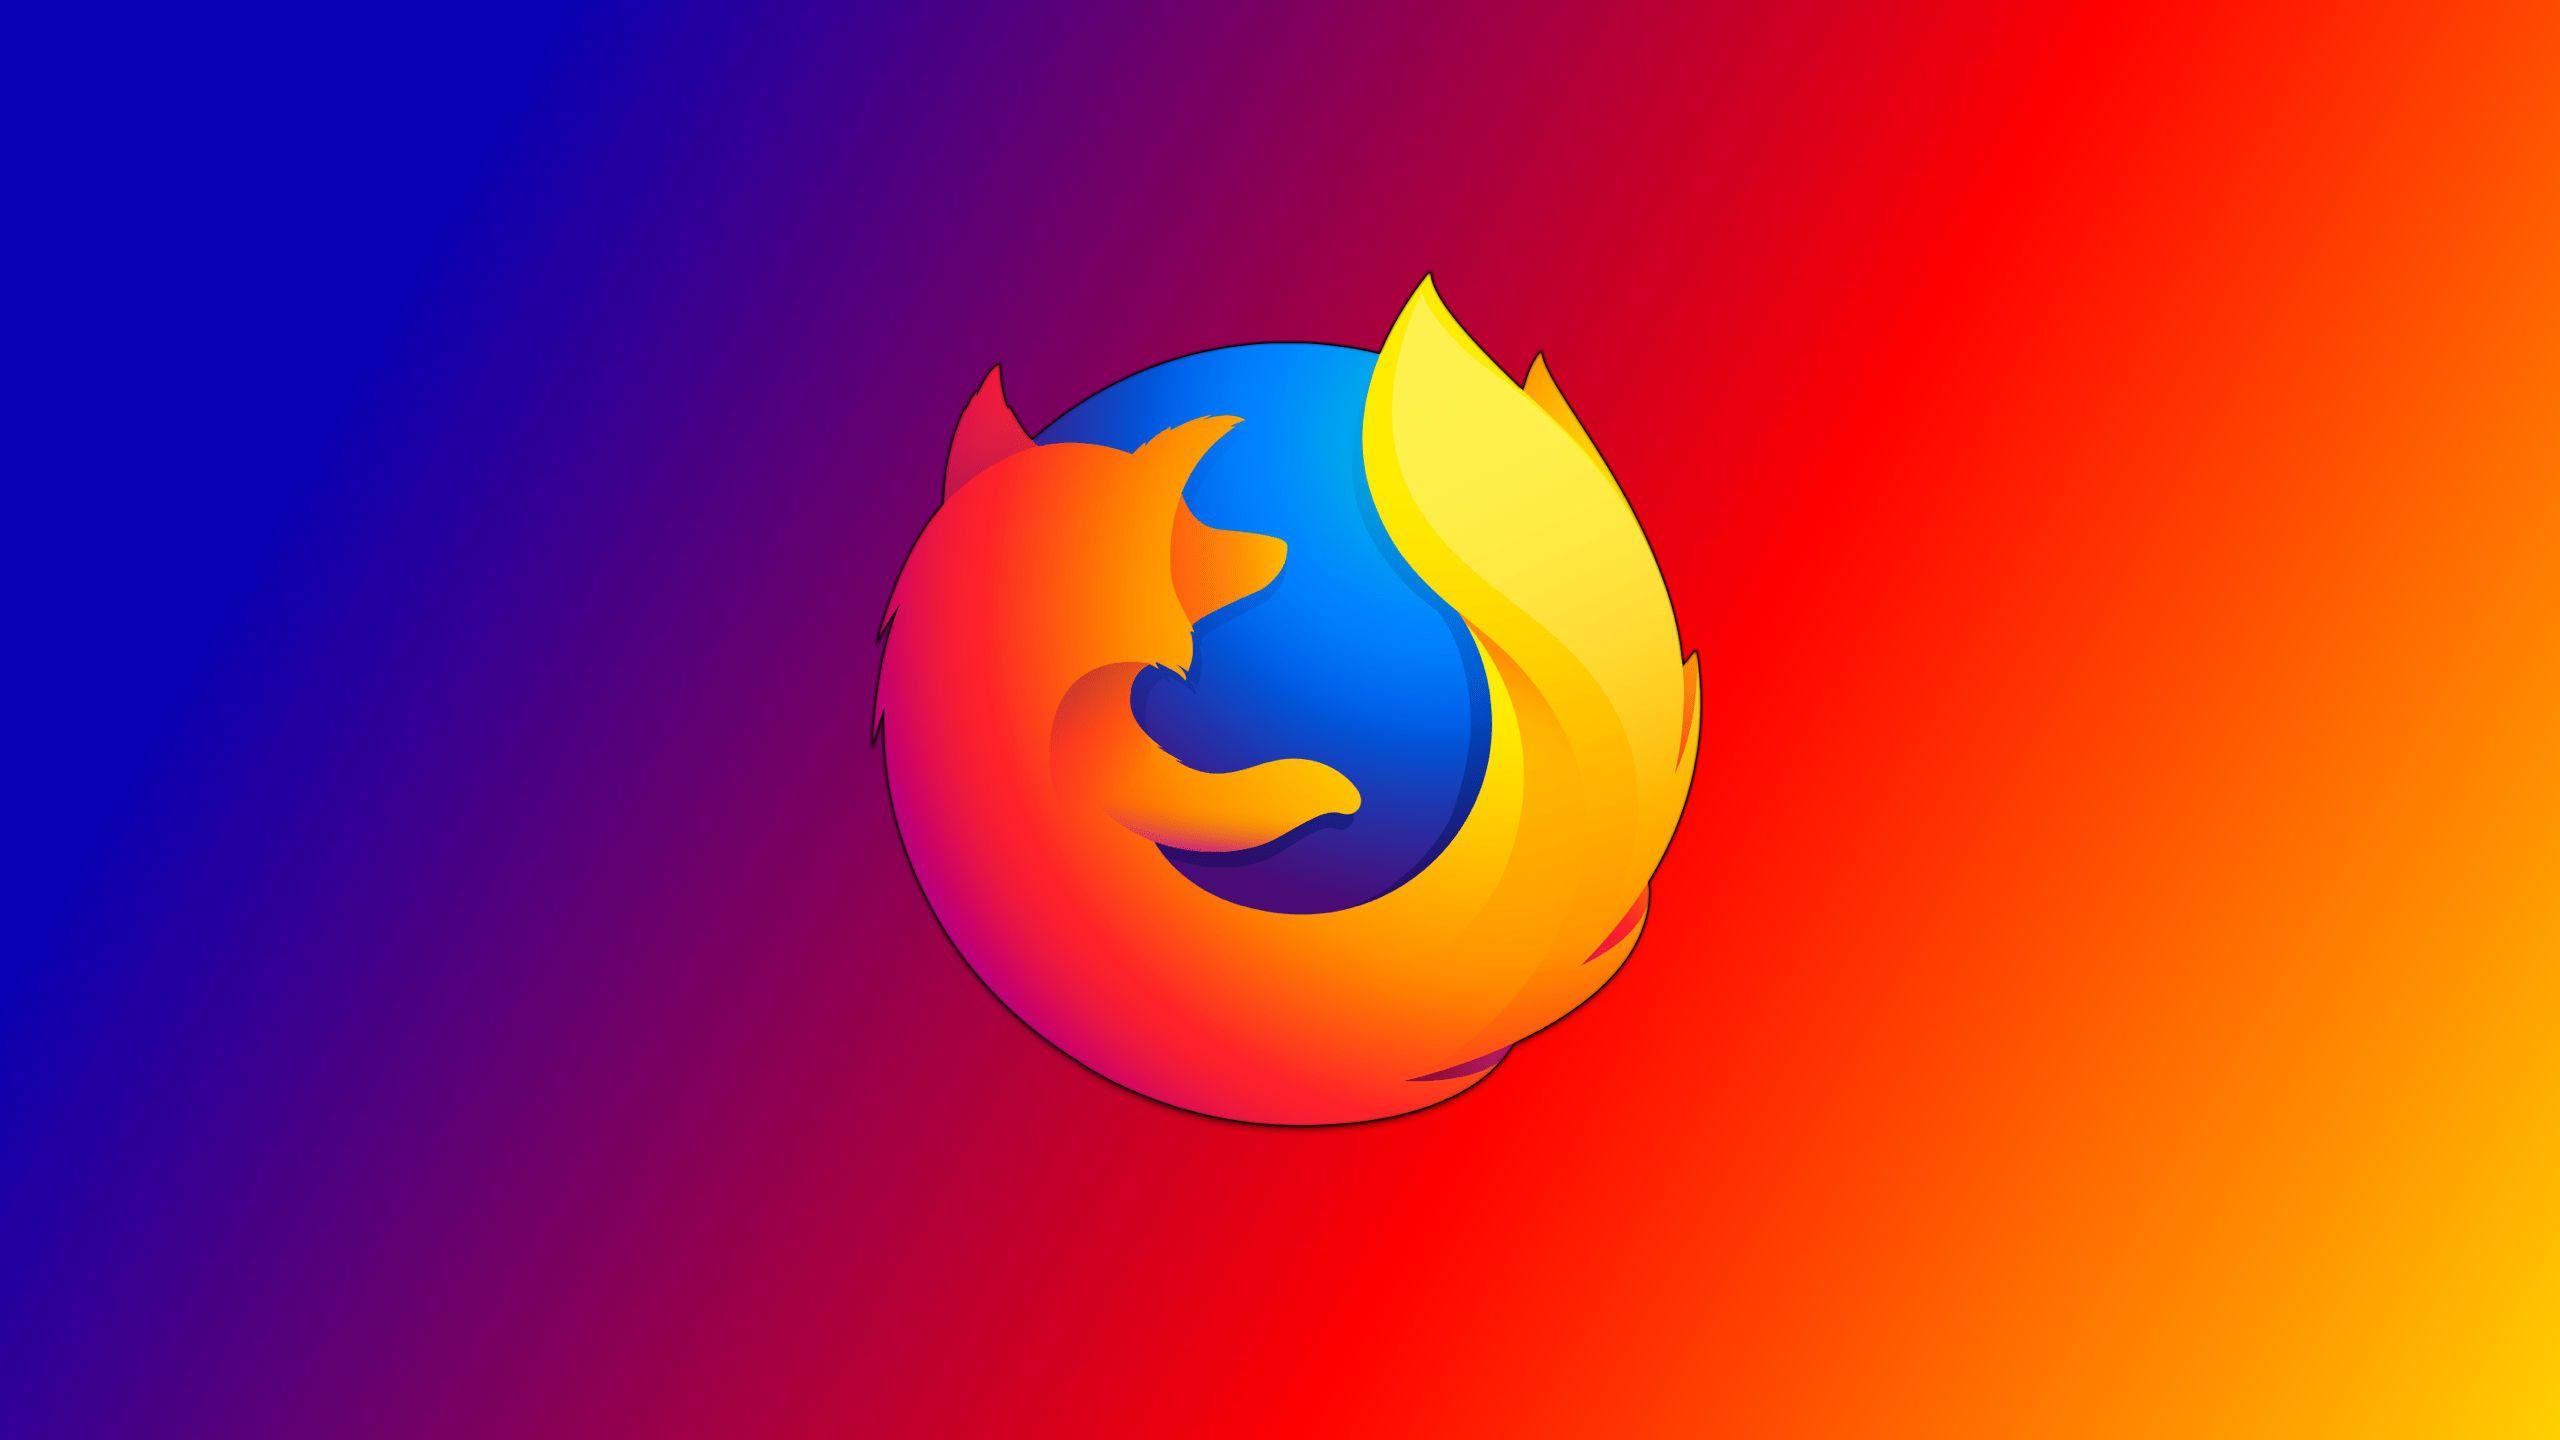 Firefox Wallpapers hd